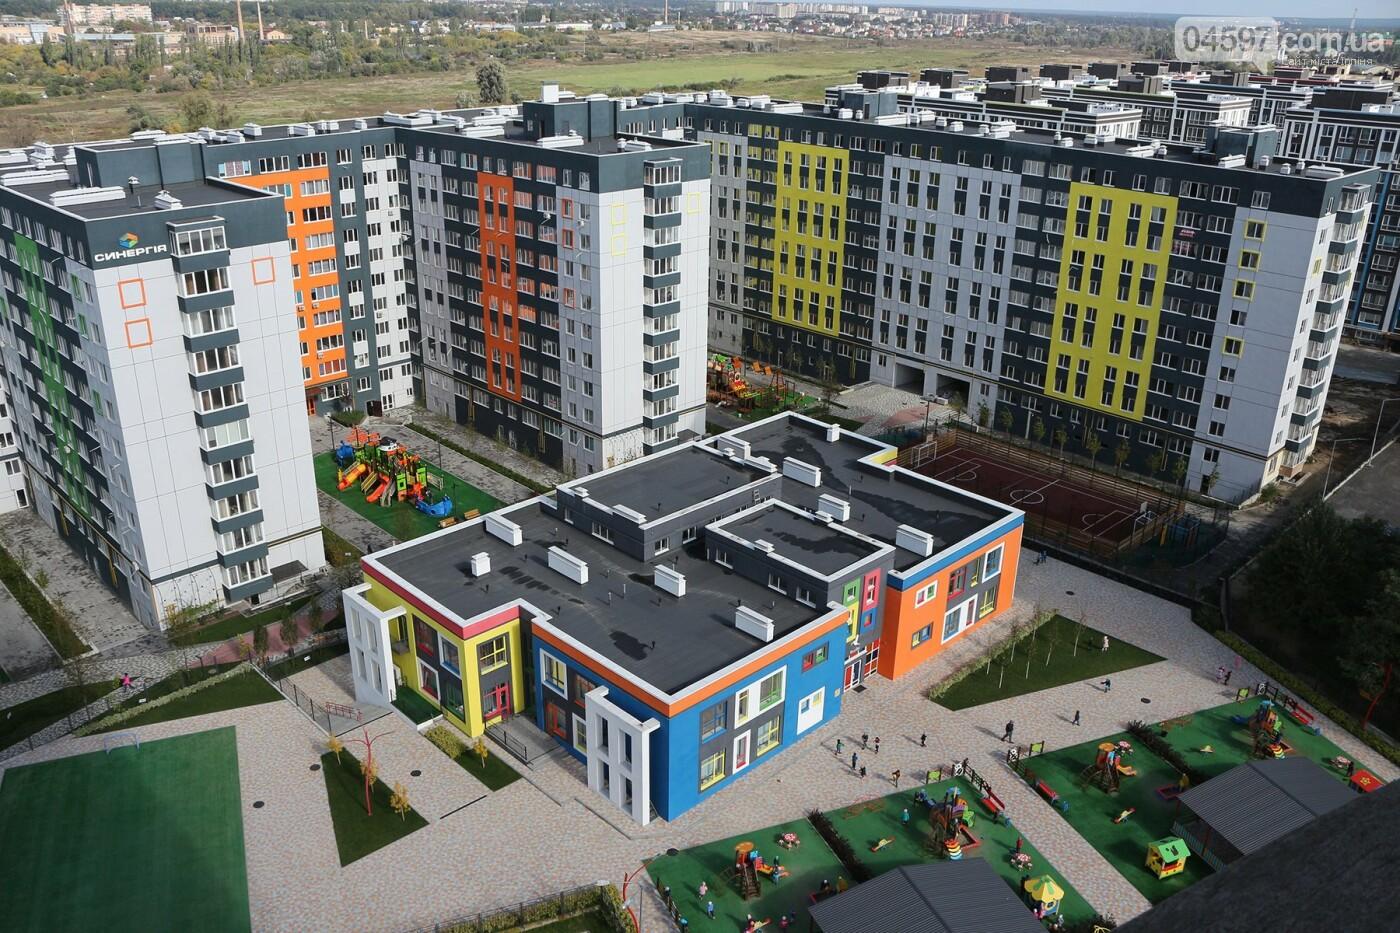 Ірпінь чи Київ: де краще купувати квартиру?, фото-1